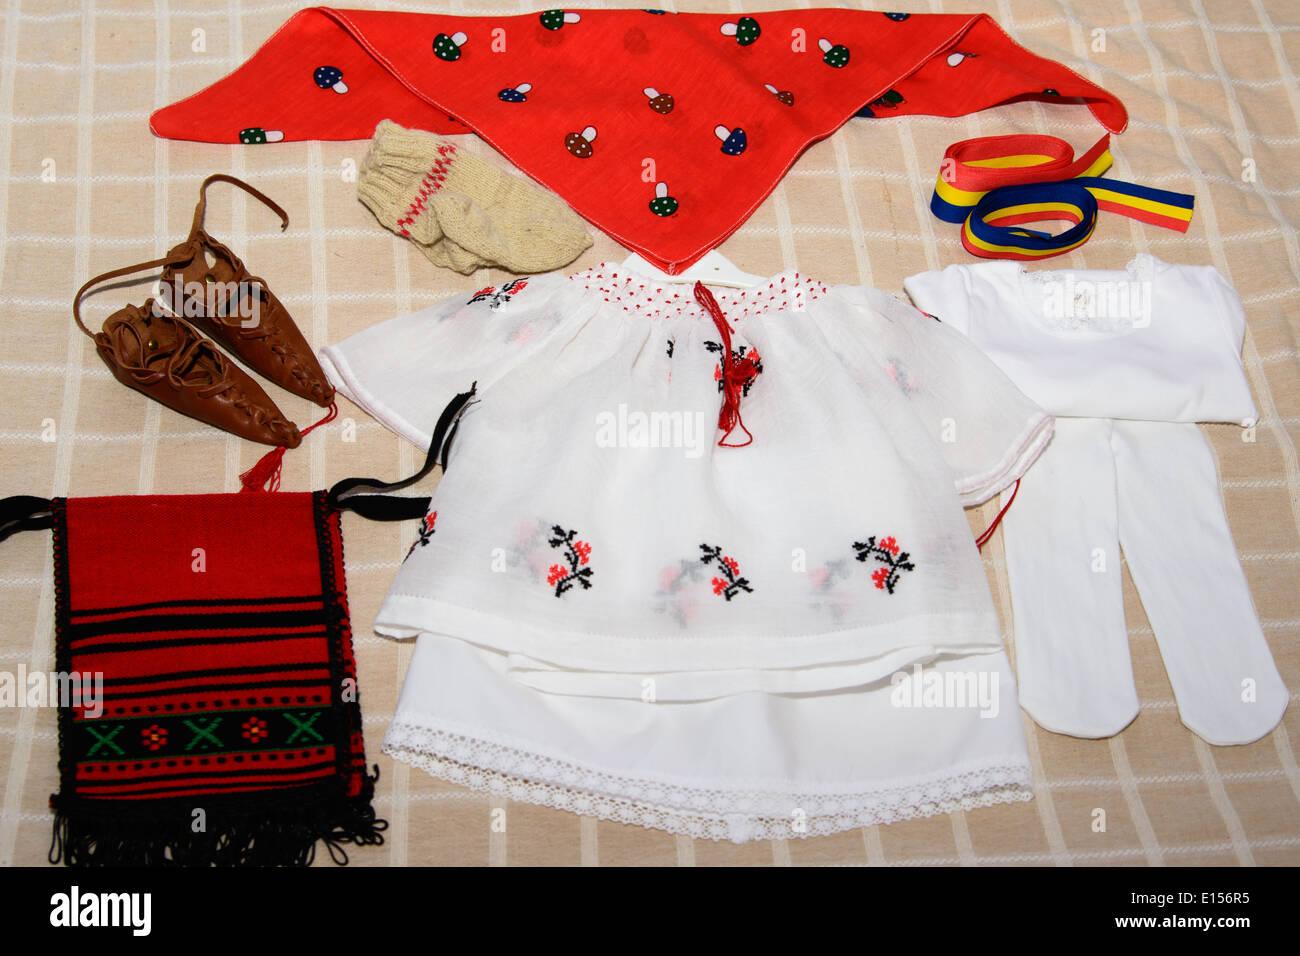 Costume tradizionale dalla Romania, simbolo etnico con bandiera rumena Immagini Stock